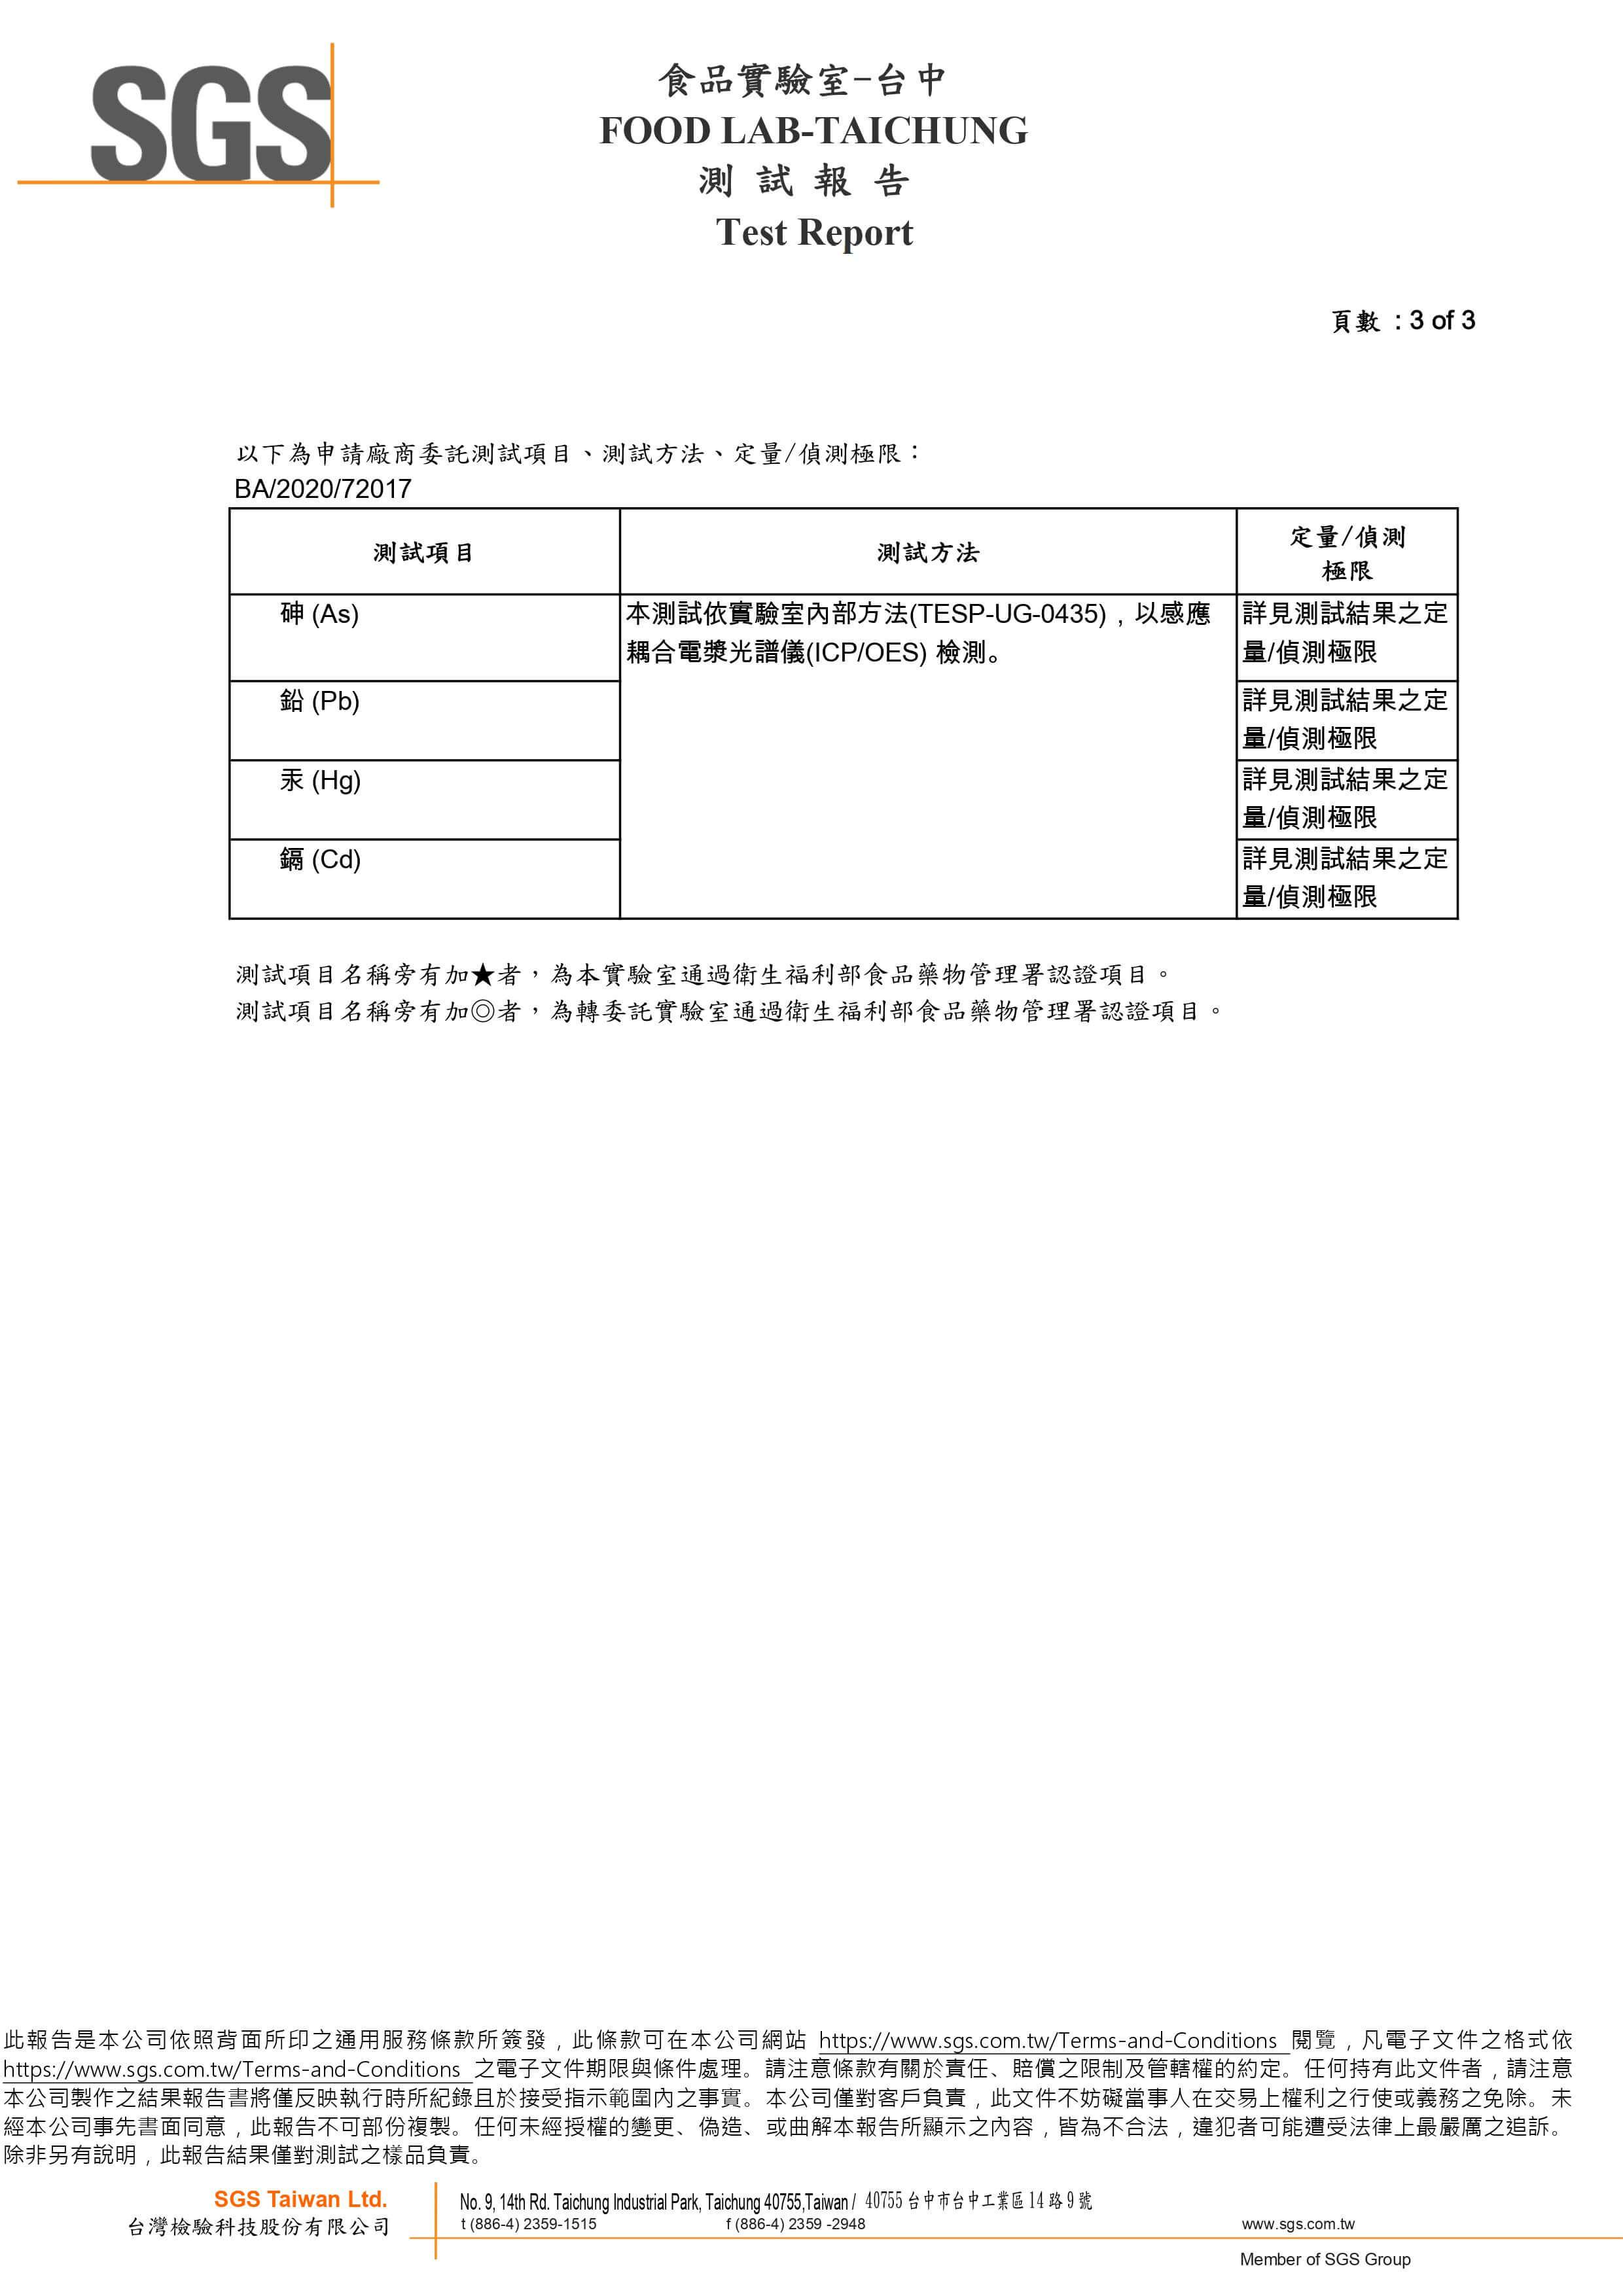 SGS檢驗報告 No.1 p3-3